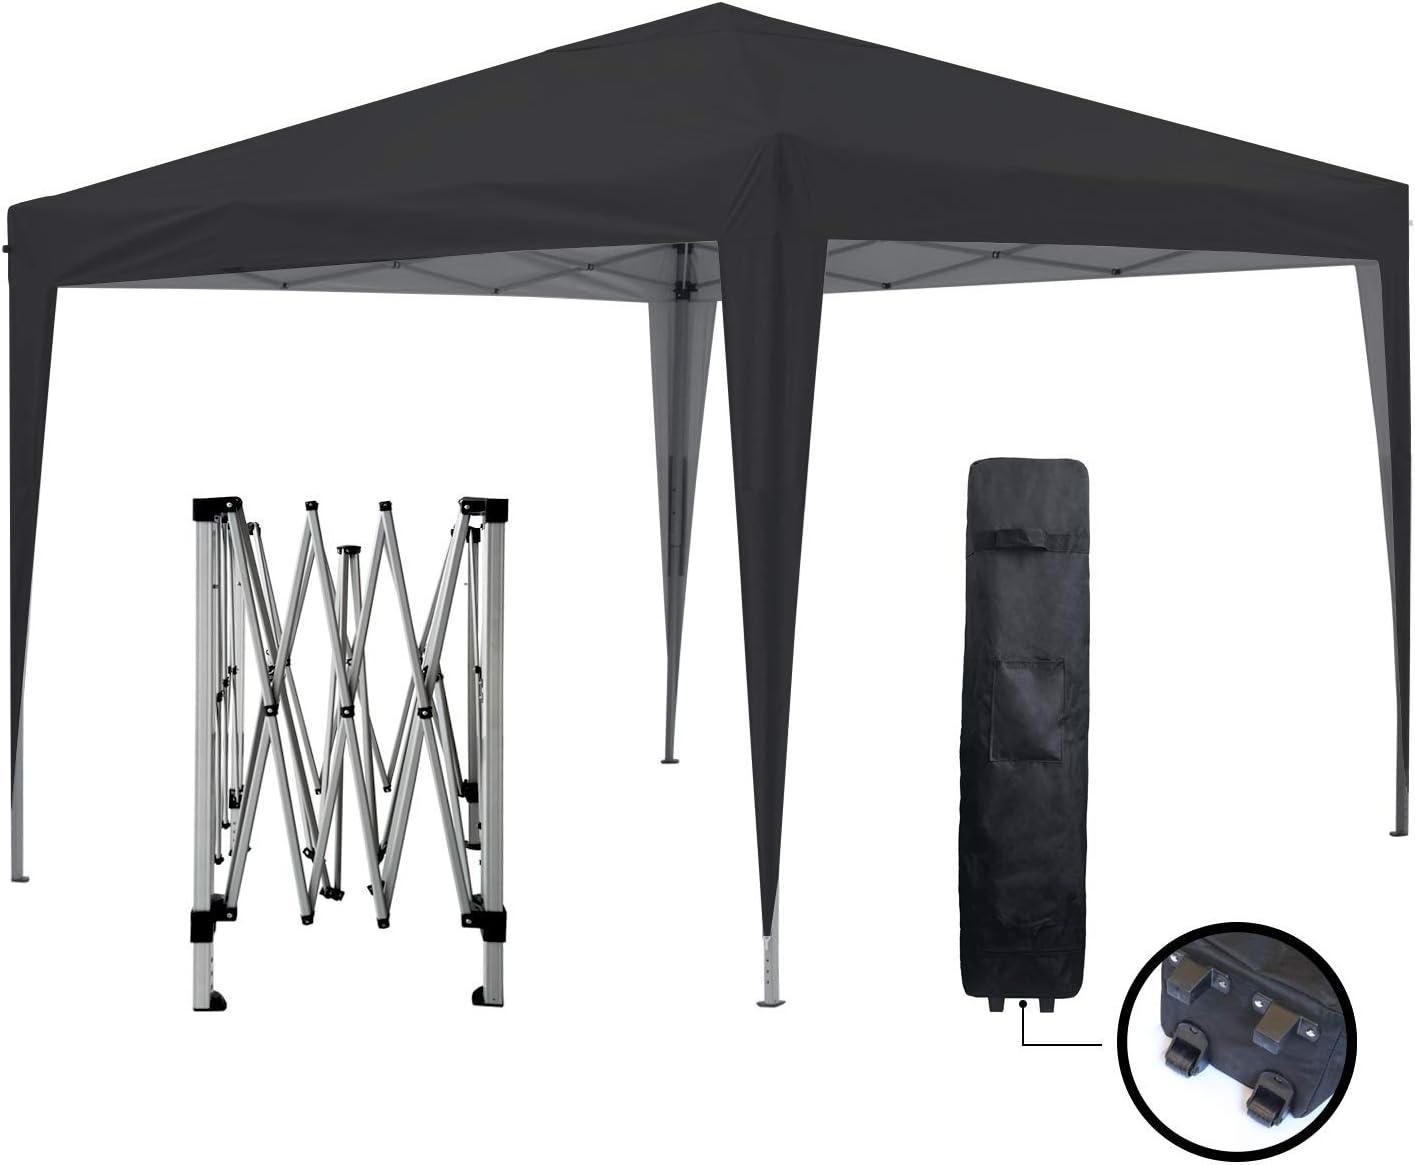 GREADEN - Cenador de jardín negro 3 x 3 m Eco Briso - Tubo 30 mm en aluminio & acero - lona 420d - Tienda de campaña plegable - GR-1FZ33420AO2: Amazon.es: Jardín